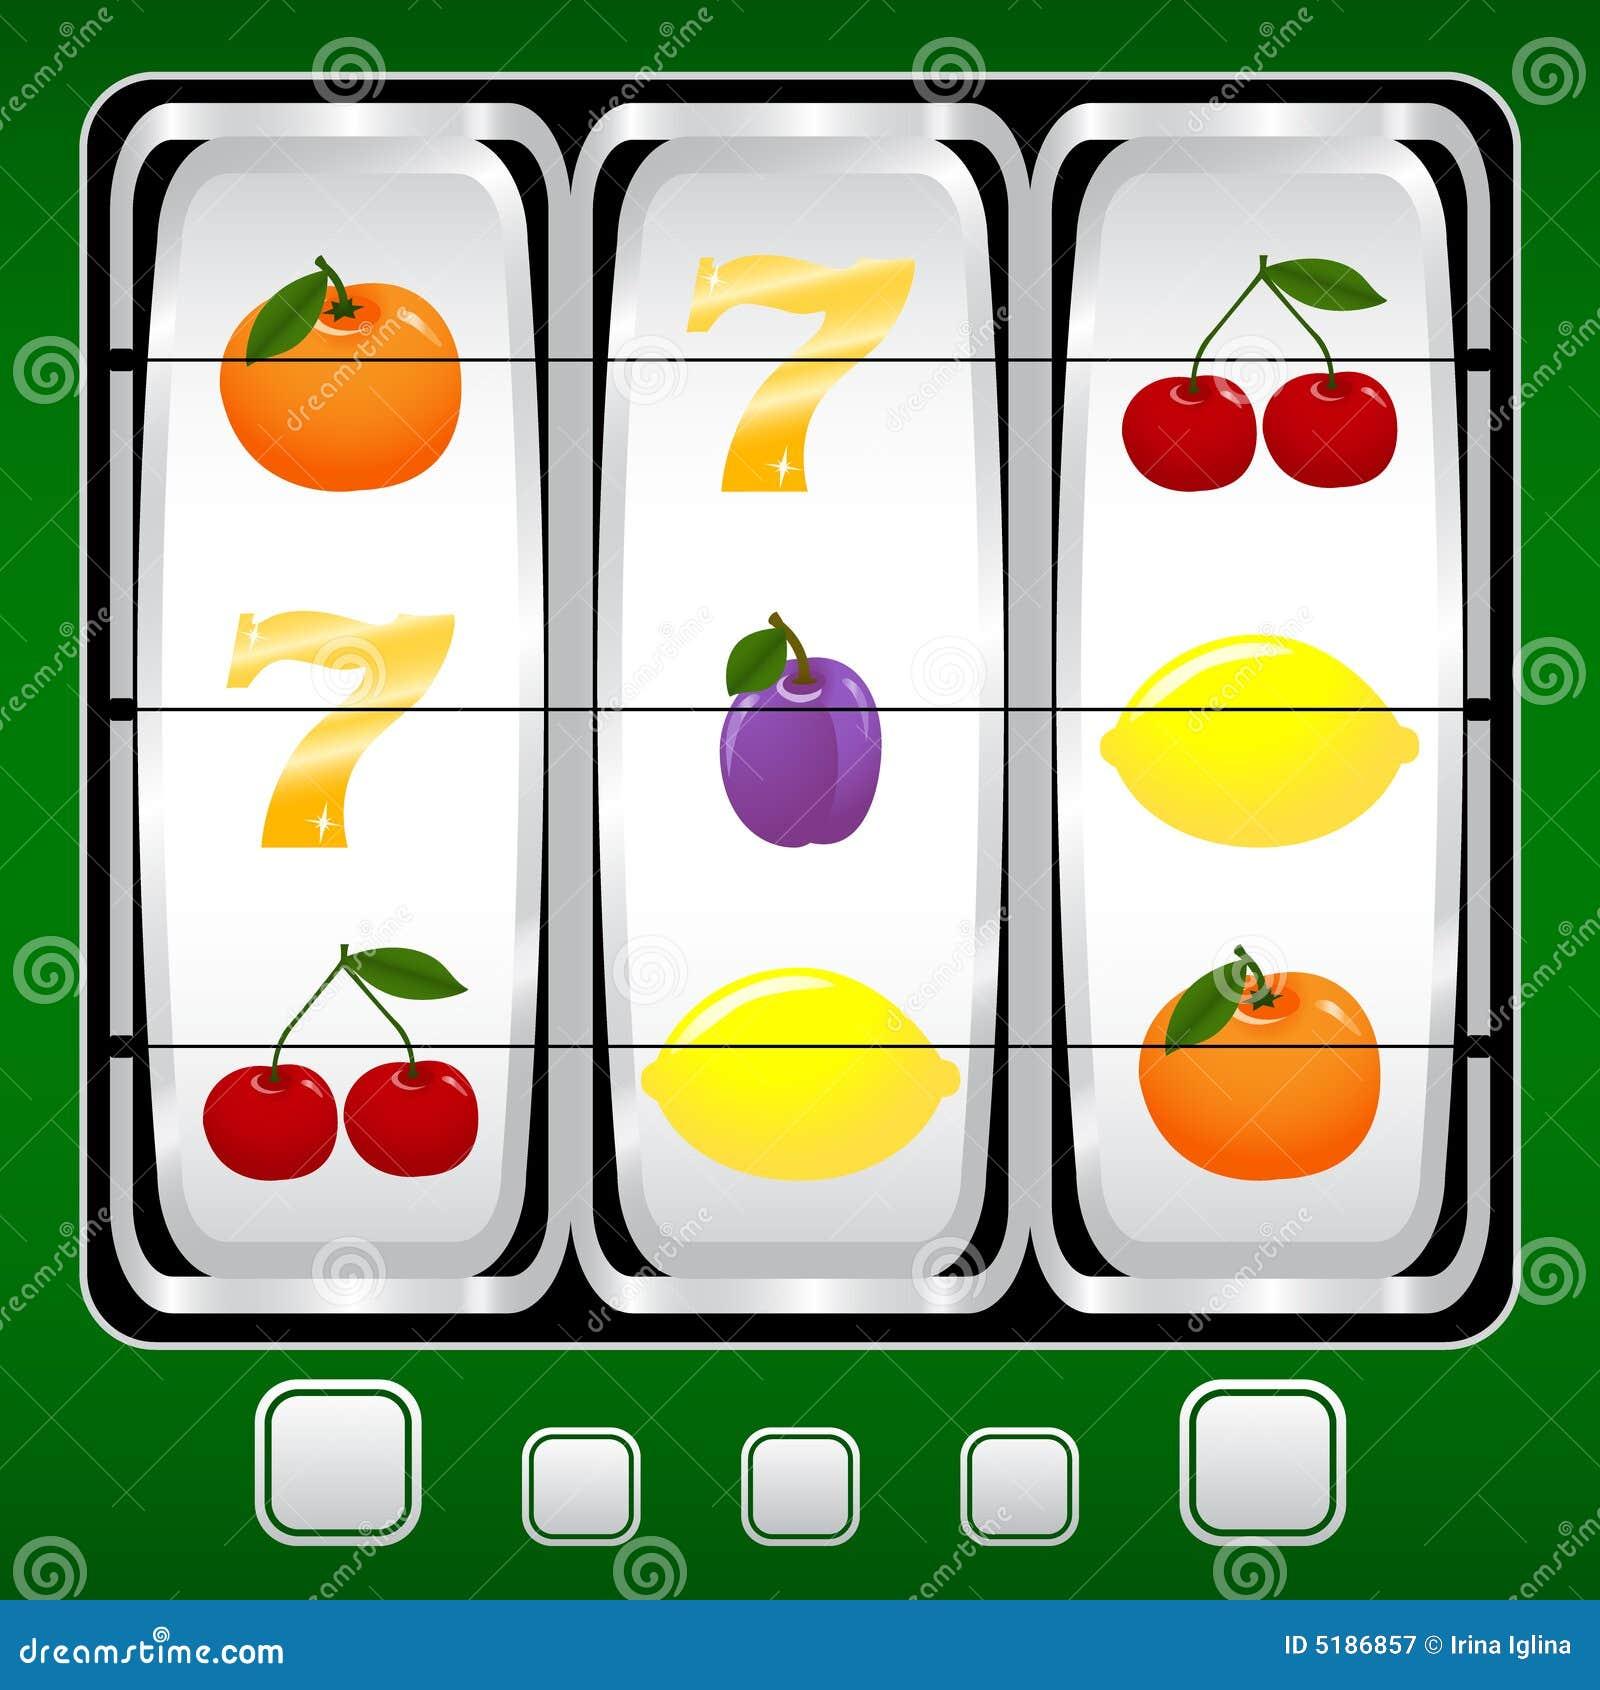 Top Facebook Casino Game Apps | Top Apps